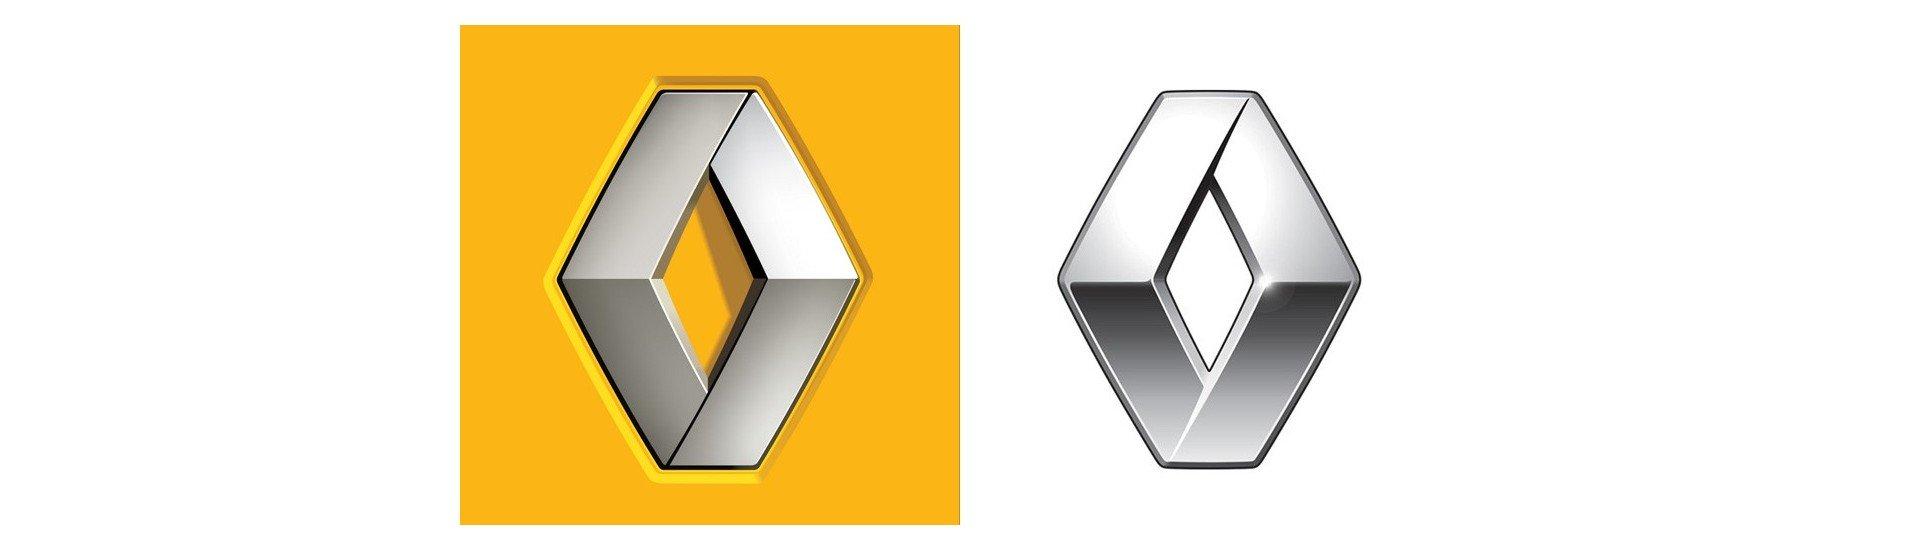 Renault zadné nápravy